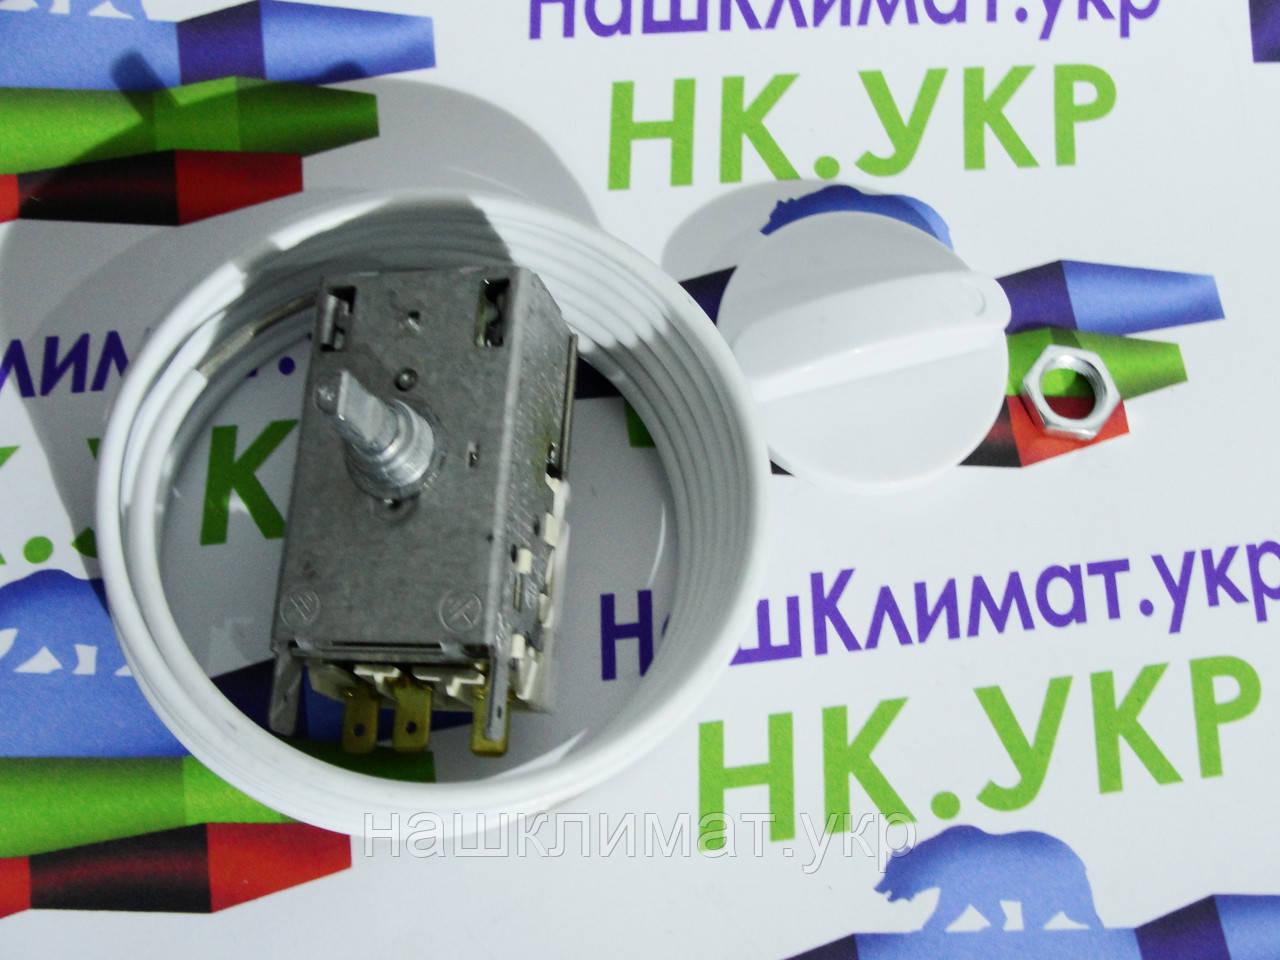 Терморегулятор (термостат) K 57 L 2829 для холодильника, длина 2.5м. (аналог Там 145 ) Stinol Indezit zanussi, фото 1